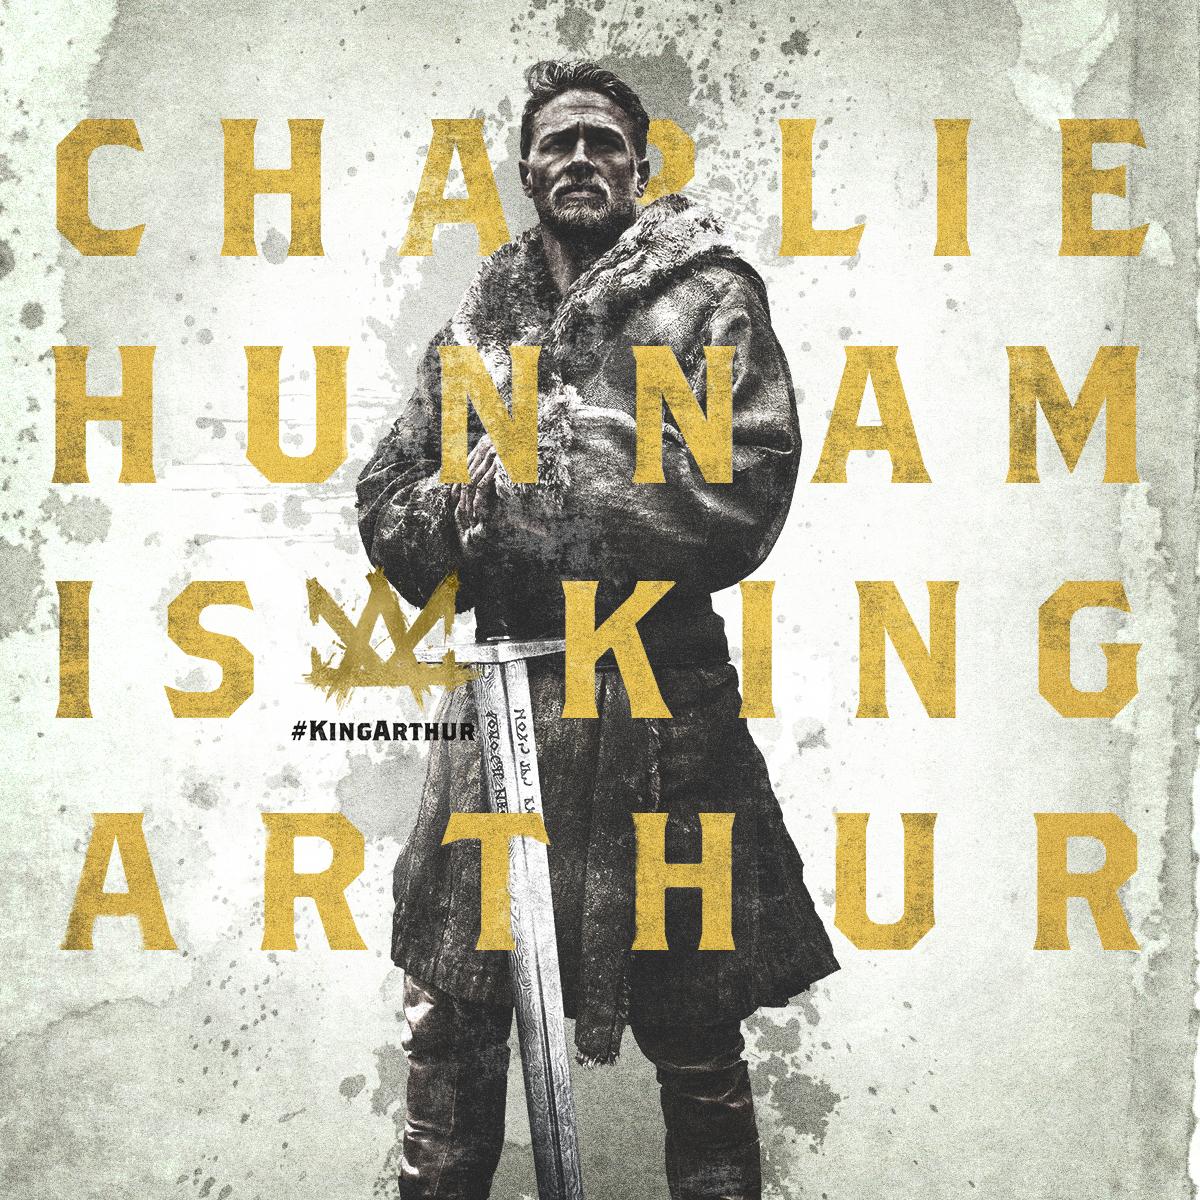 Arthur_KING_V3